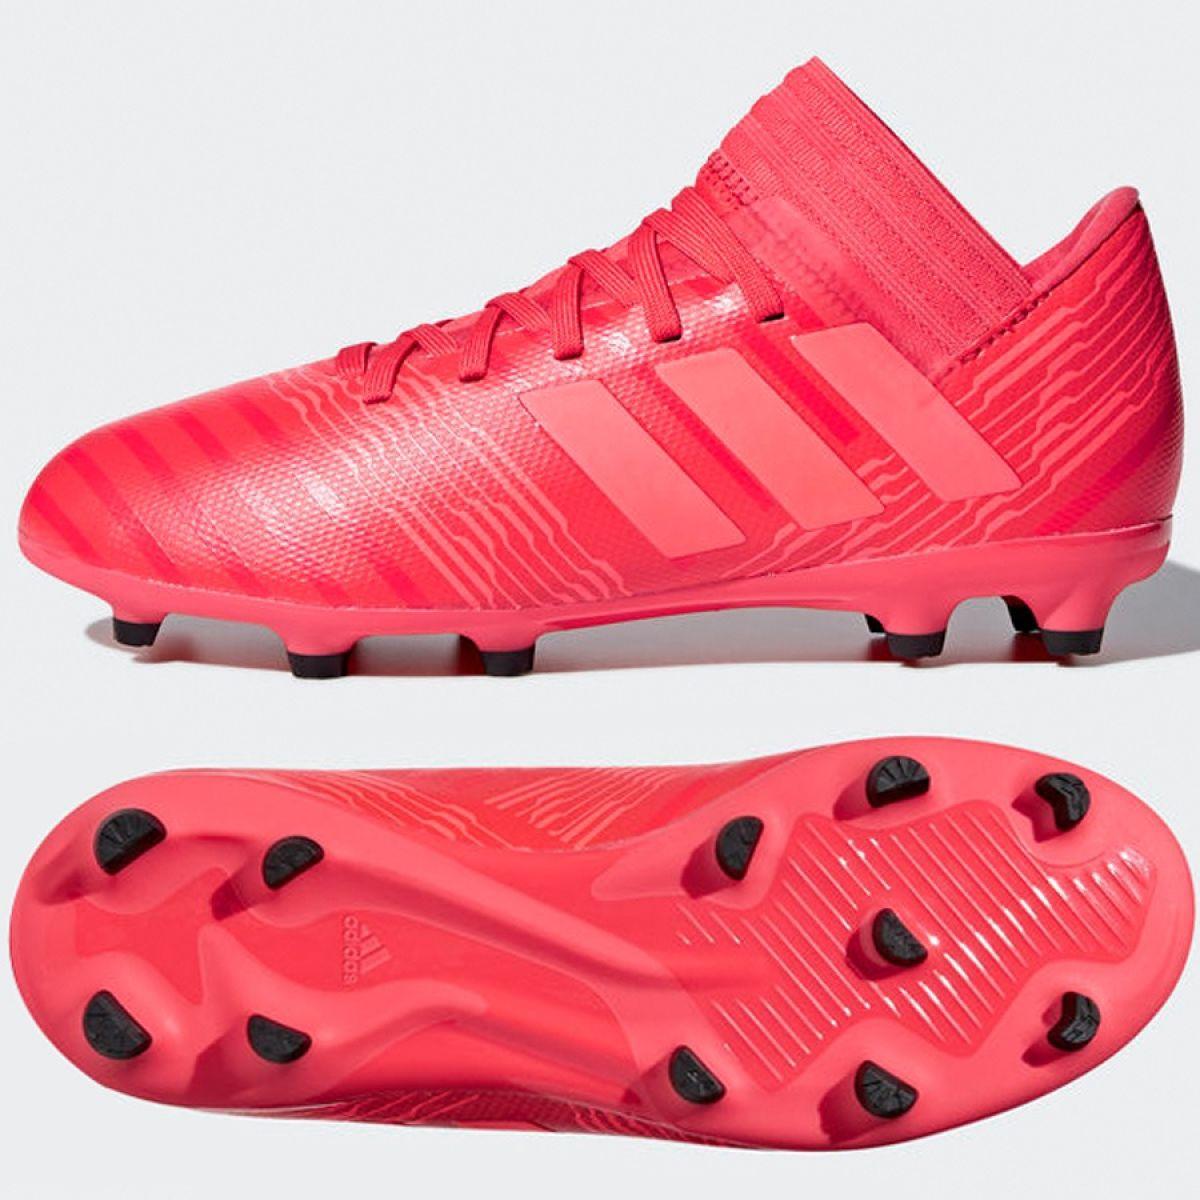 buty piłkarskie korki nemeziz 18+ fg adidas bordowy